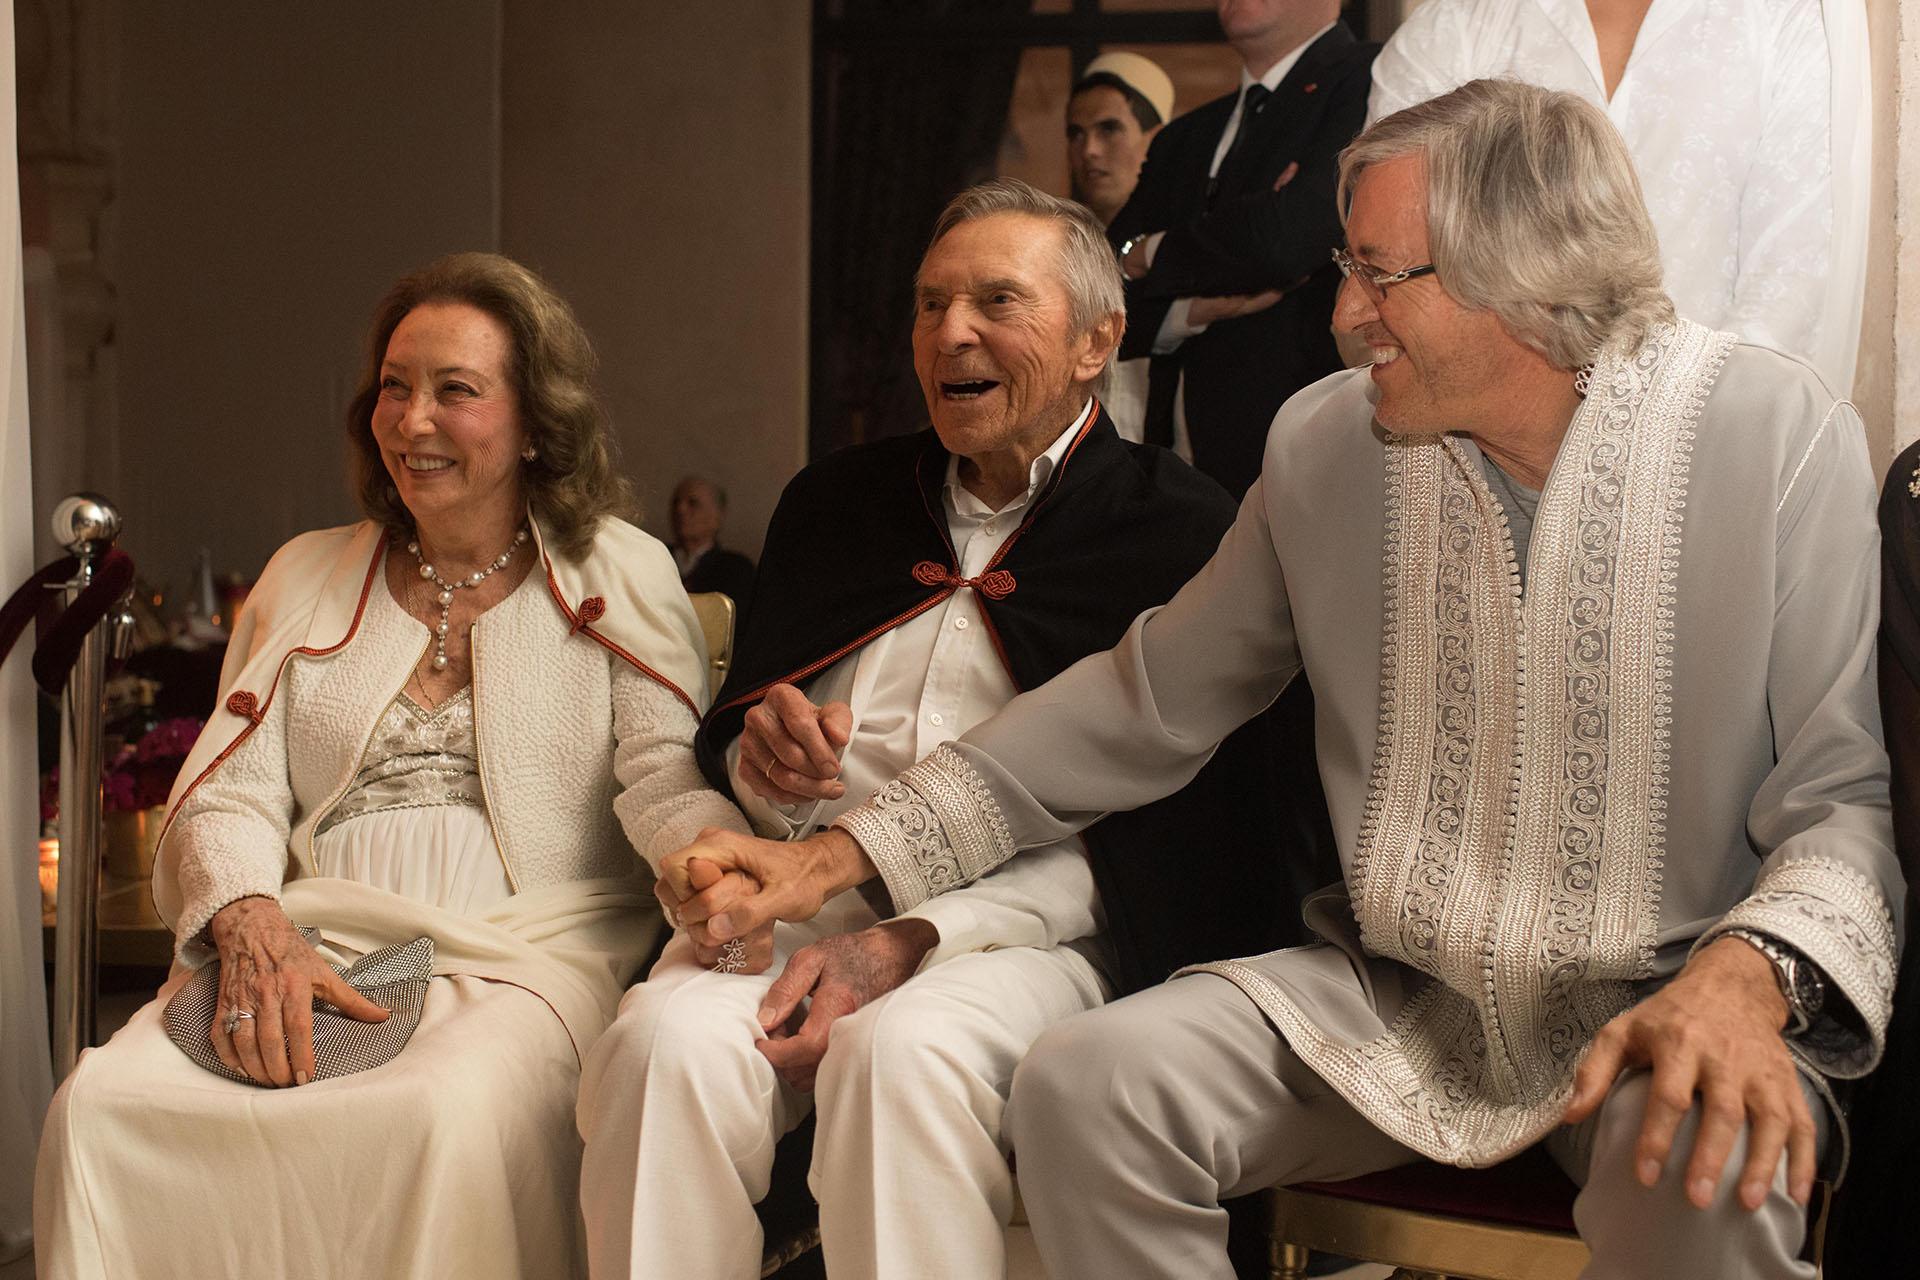 """Los padres de Alejandro Roemmers, Alberto W. H. Roemmers y Hebe Colman. El empresario hizo una mención especial para ellos y para su familia: """"Son una bendición"""""""